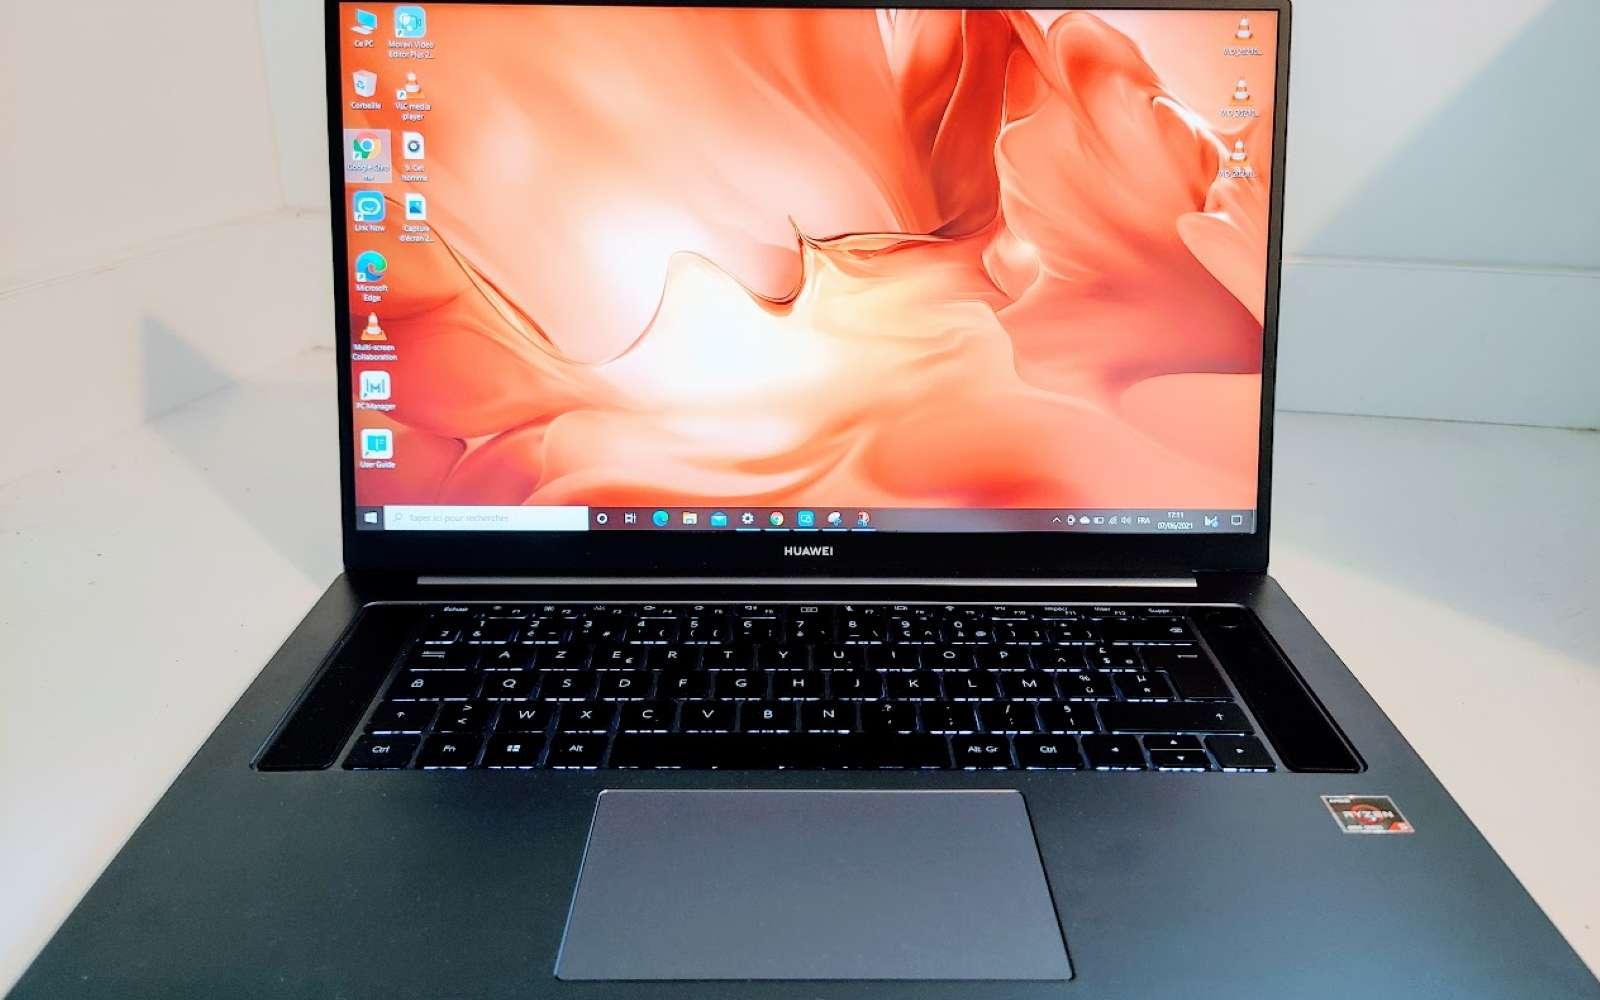 Un écran de 16,1 pouces dans le châssis d'un portable de 15,6 pouces, c'est la combinaison gagnante de Huawei avec le MateBook D16. © Futura